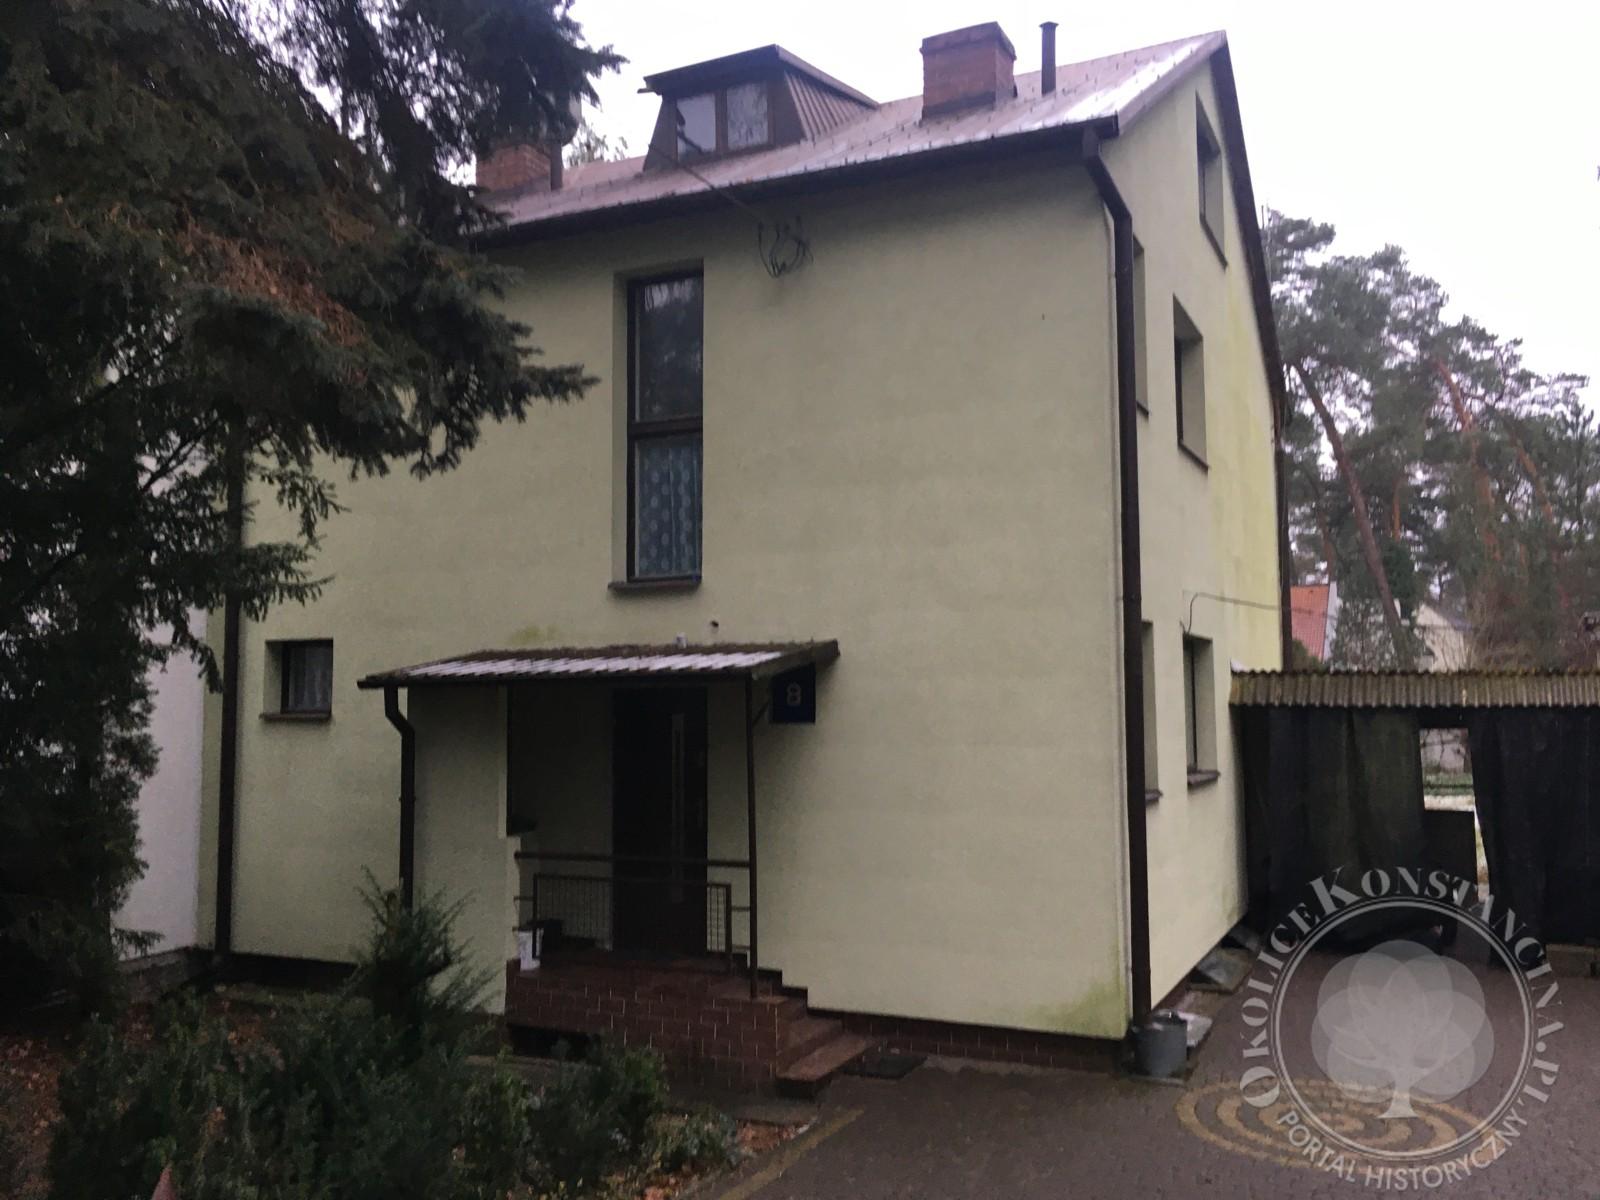 Północno-wschodnia fasada domu dr Bernsteina po nieudanej przebudowie-ul.Jasiowa 8 (fot. A.Zyszczyk)